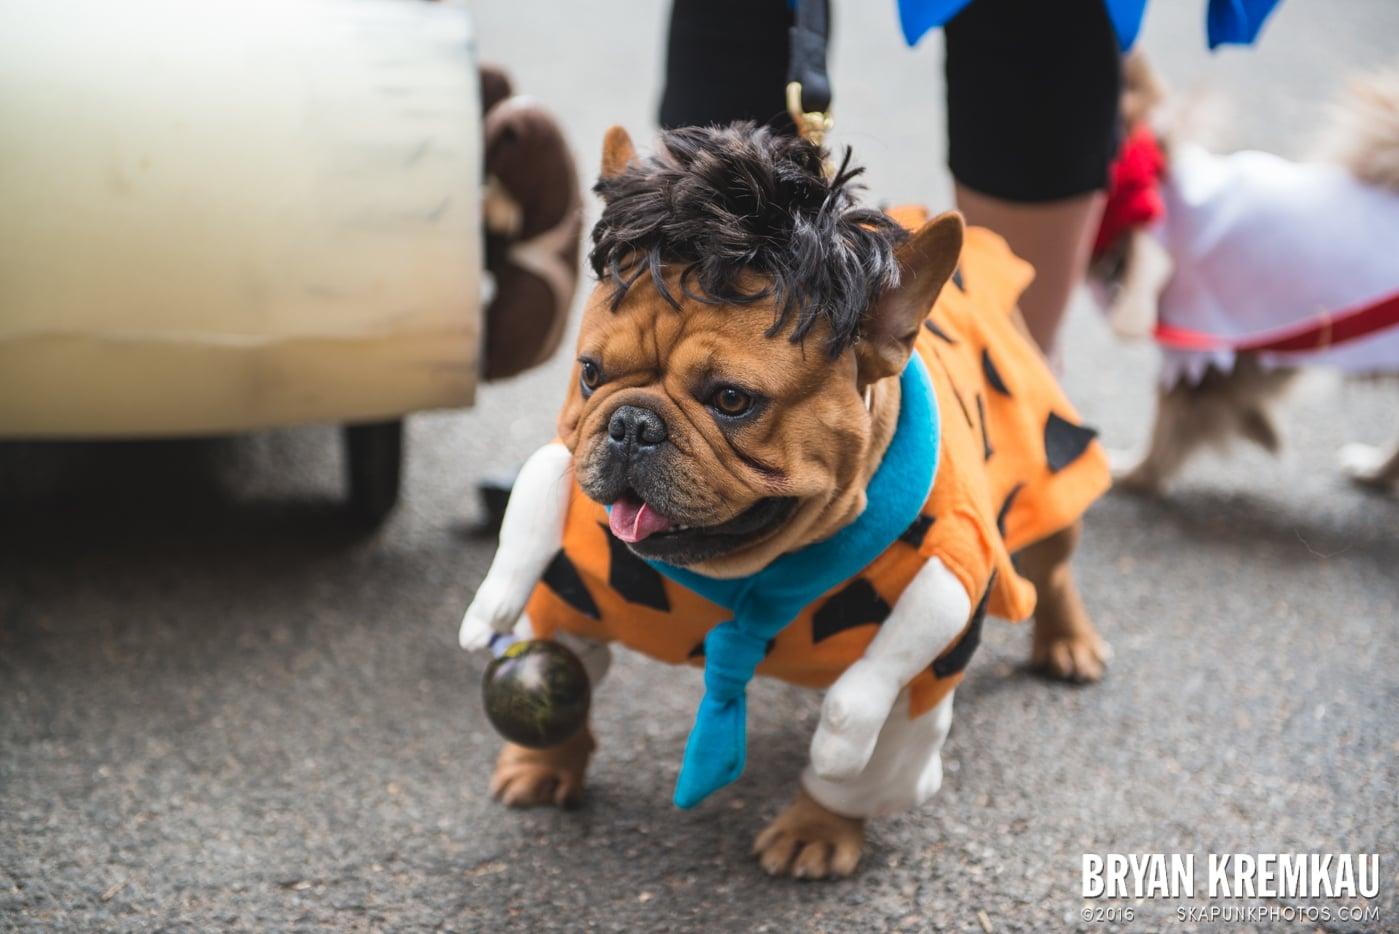 Tompkins Square Halloween Dog Parade 2015 @ Tompkins Square Park, NYC – 10.24.15 (23)